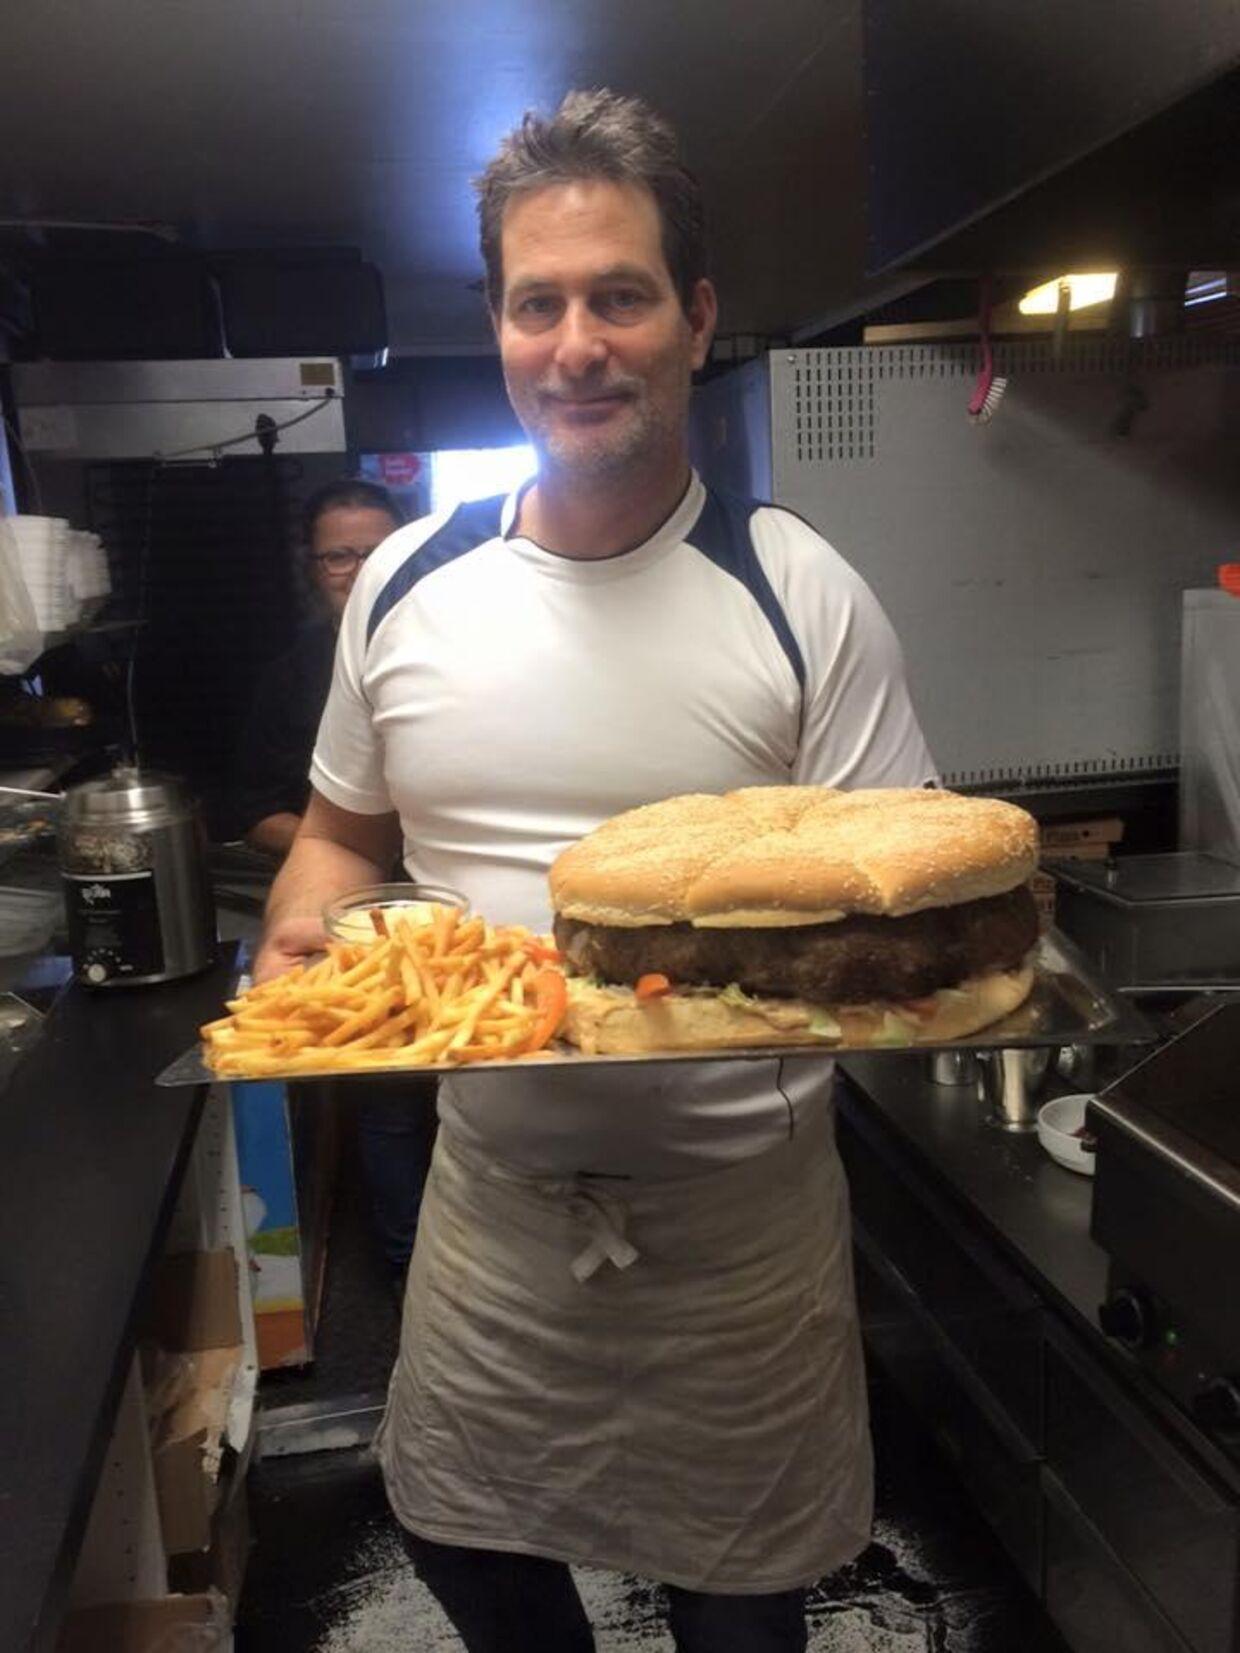 Det tager omkring en time at tilberede den voldsomt store burger.